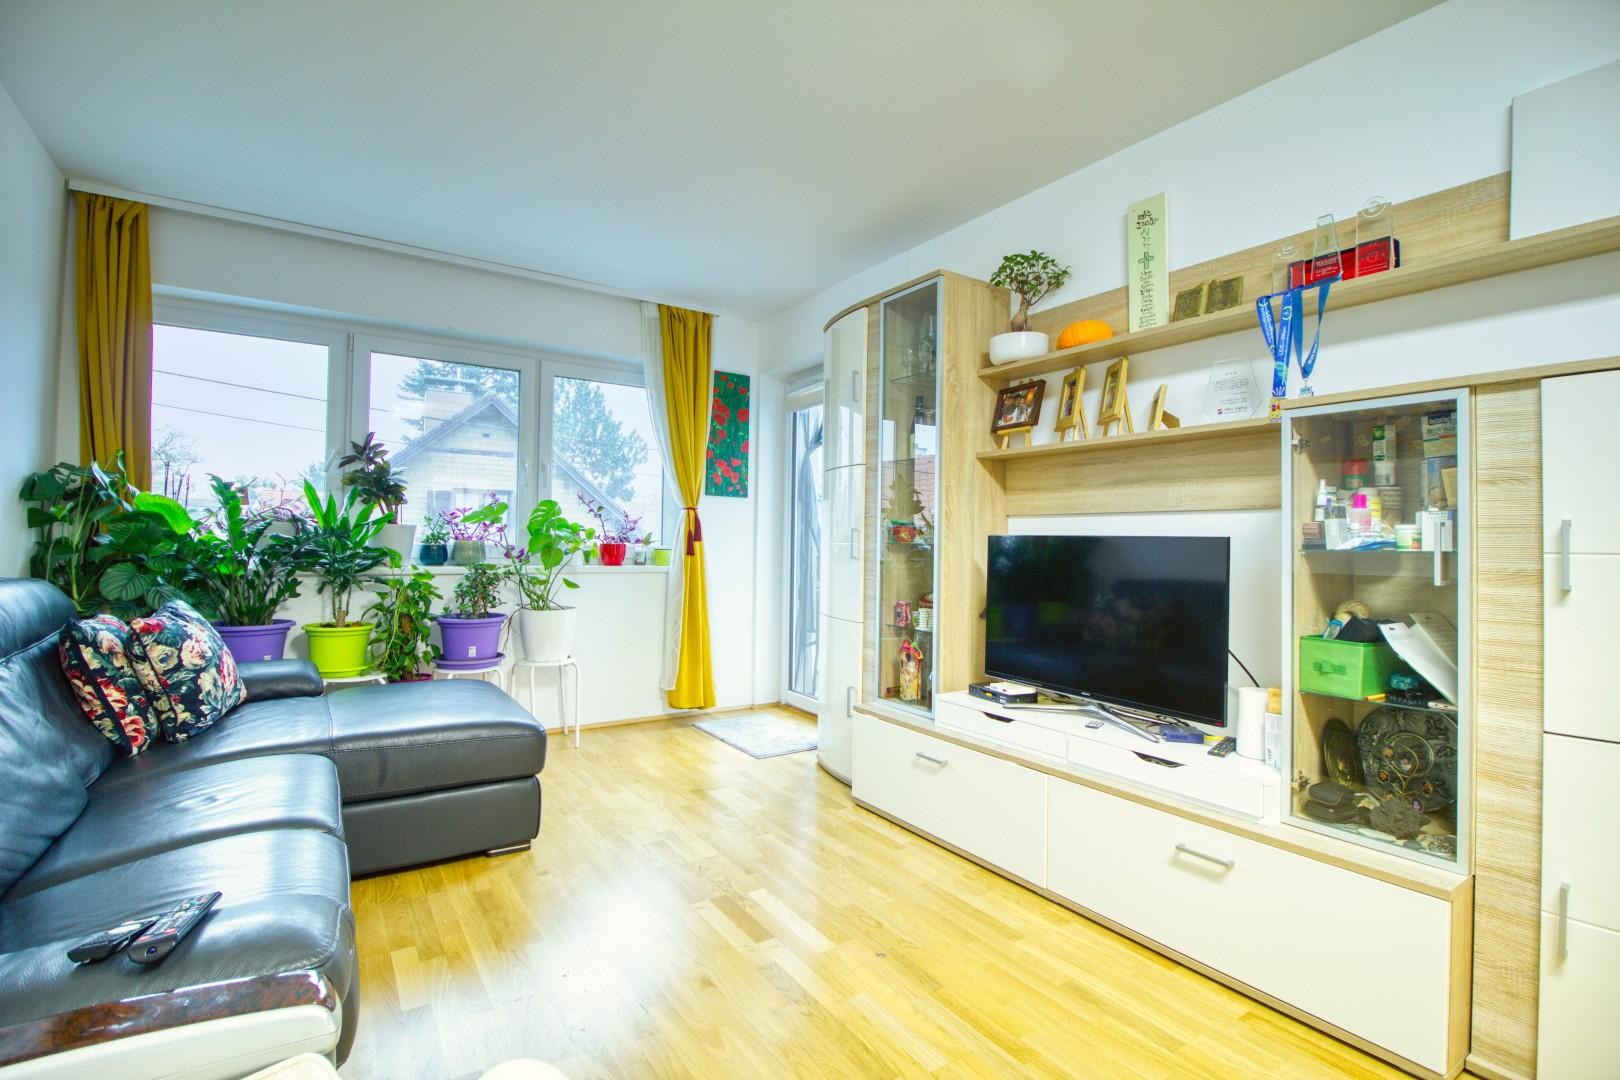 Neuwertige Balkonwohnung inkl. Garagenplatz! Nähe Gerasdorf - Nur 18min ins Zentrum